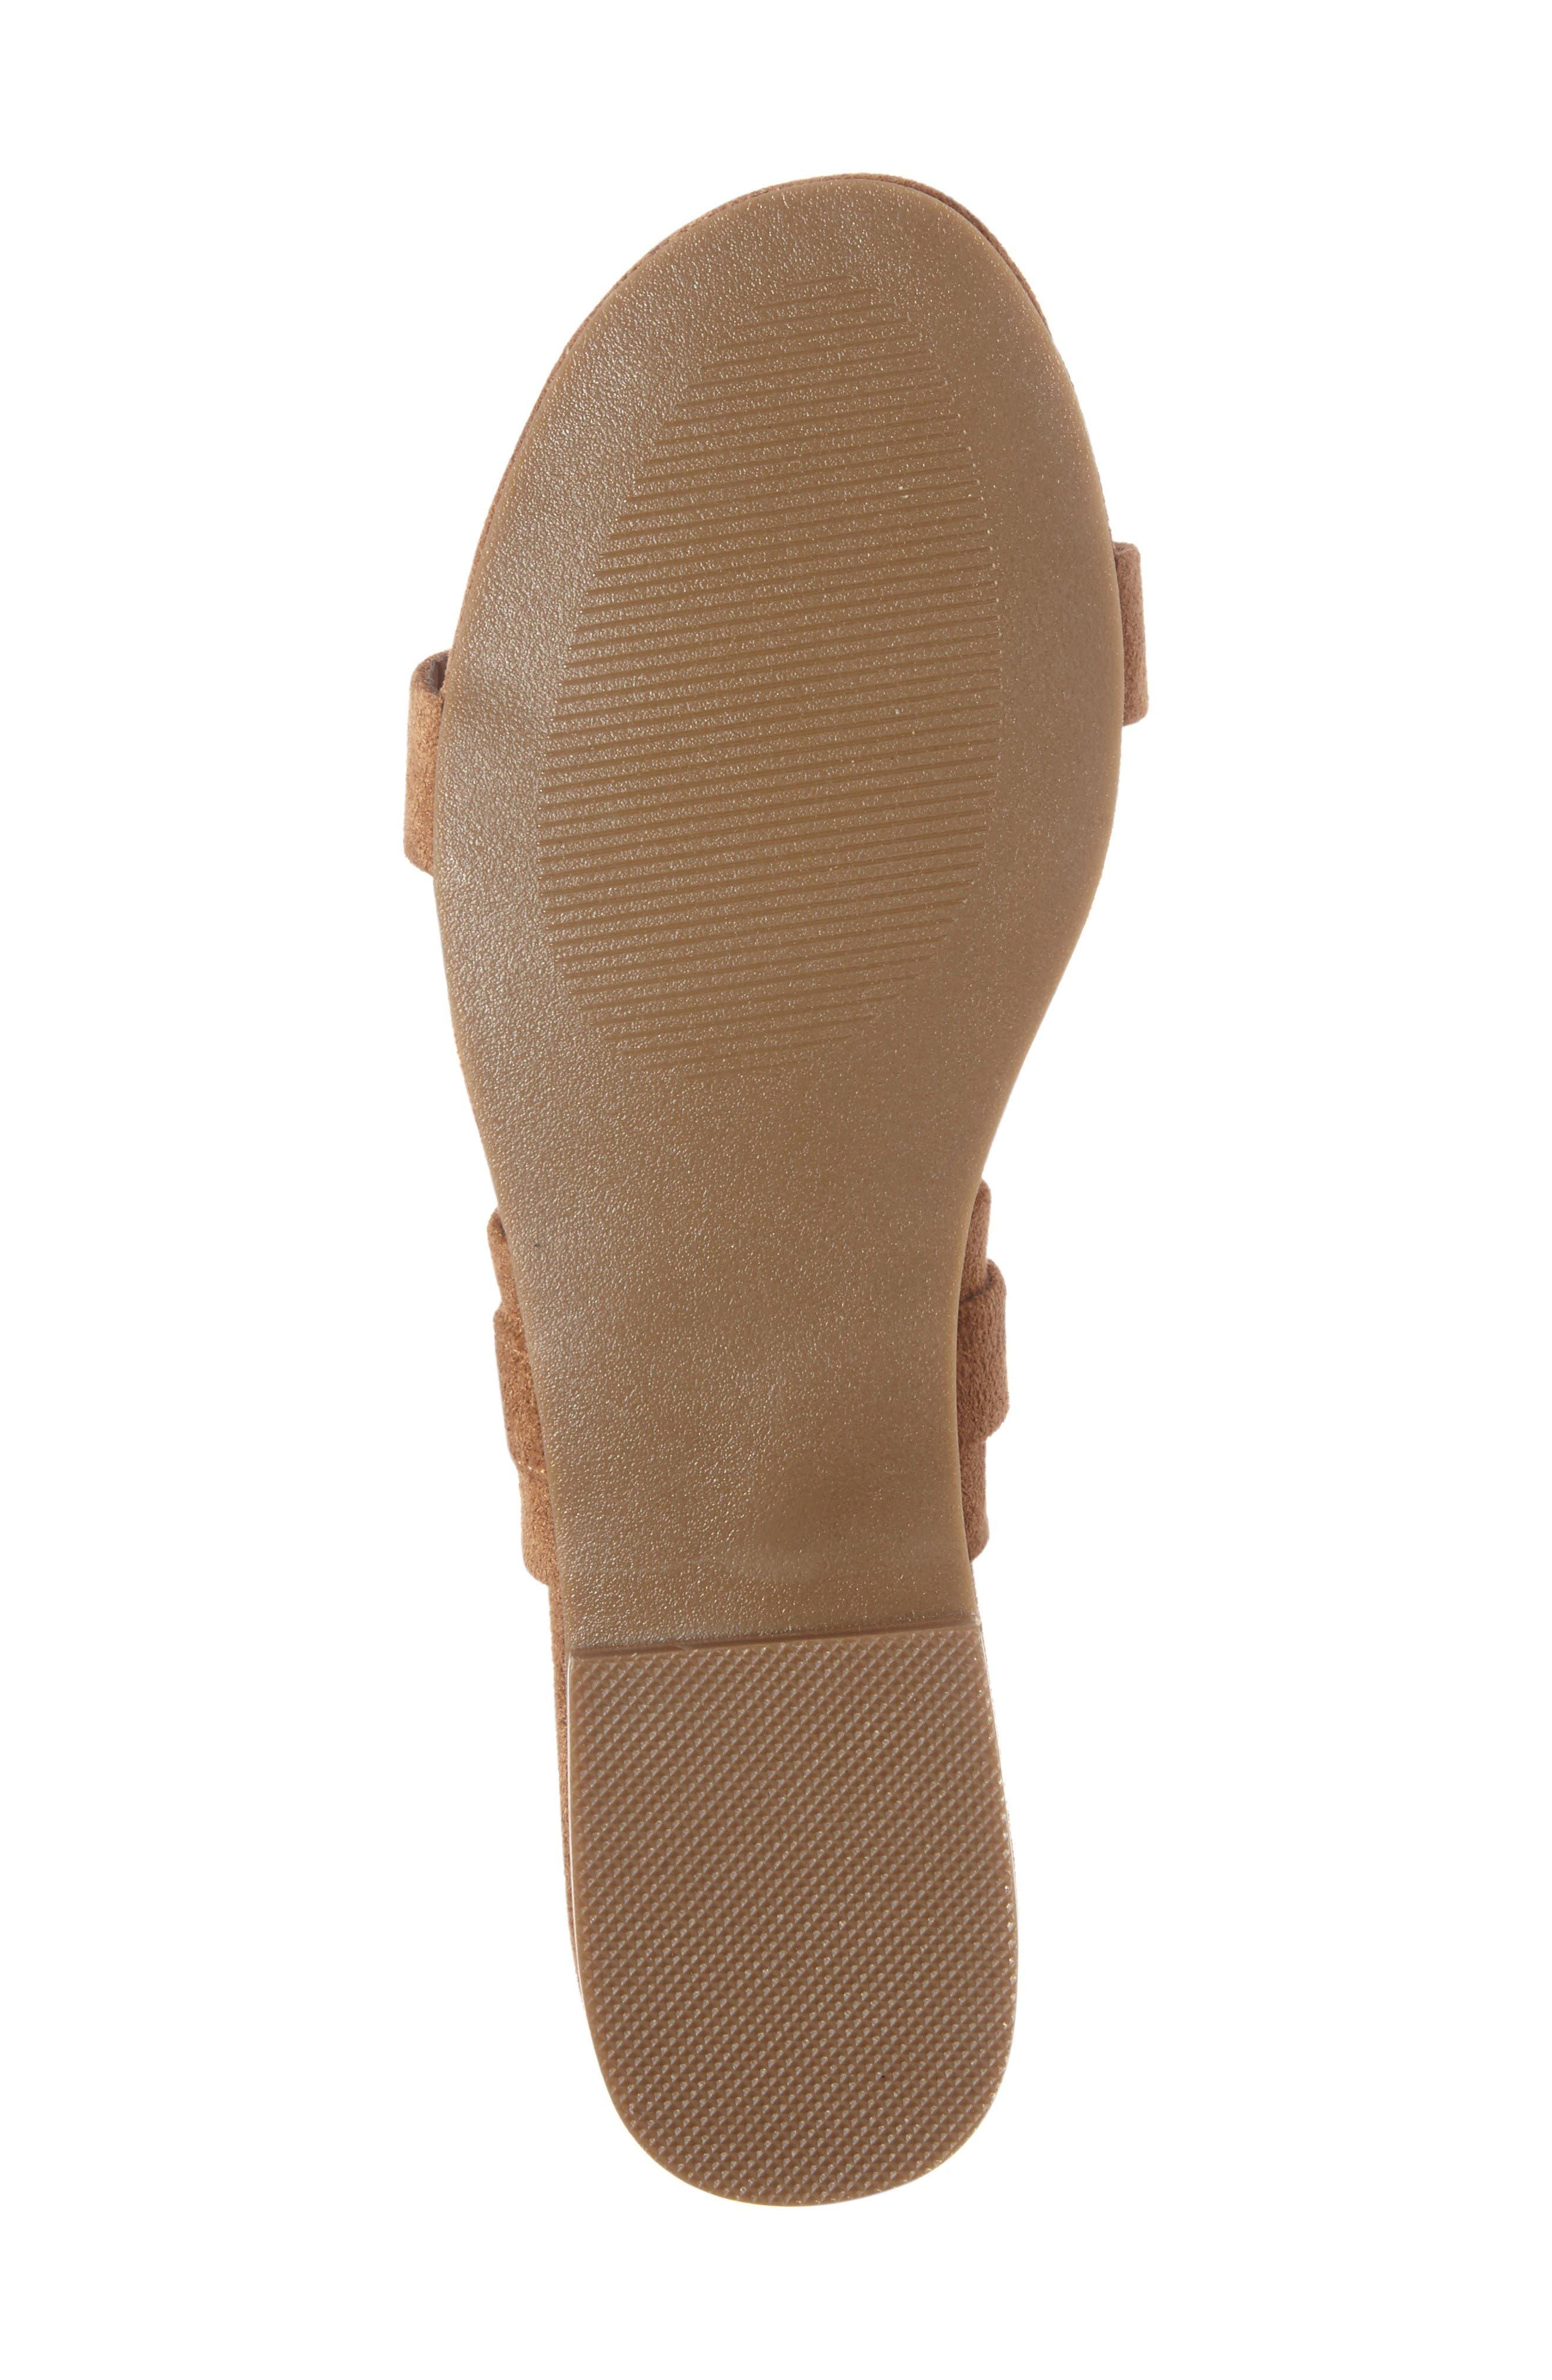 Brantley Buckle Slide Sandal,                             Alternate thumbnail 4, color,                             Saddle Suede